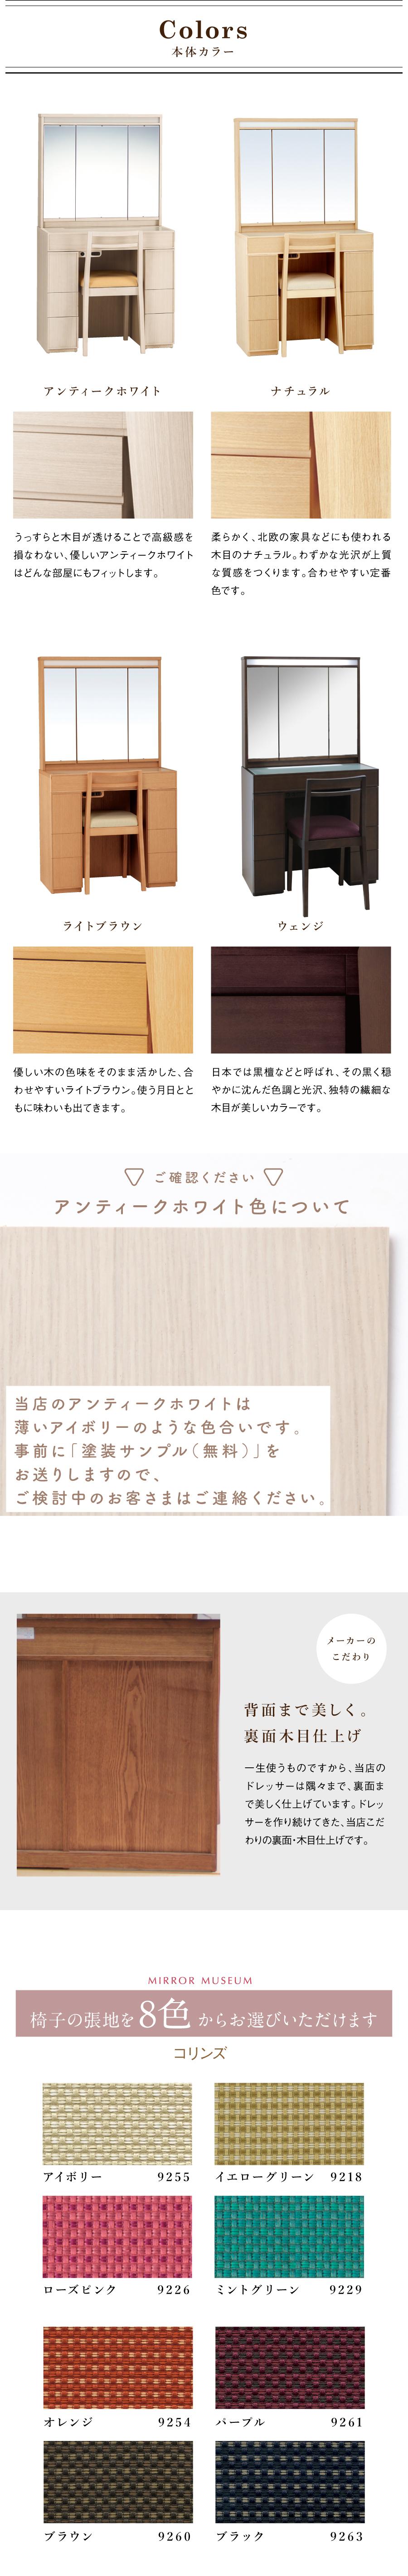 モダンドレッサーpurege(ピュアジェ) モダン三面鏡ドレッサー/椅子セット。